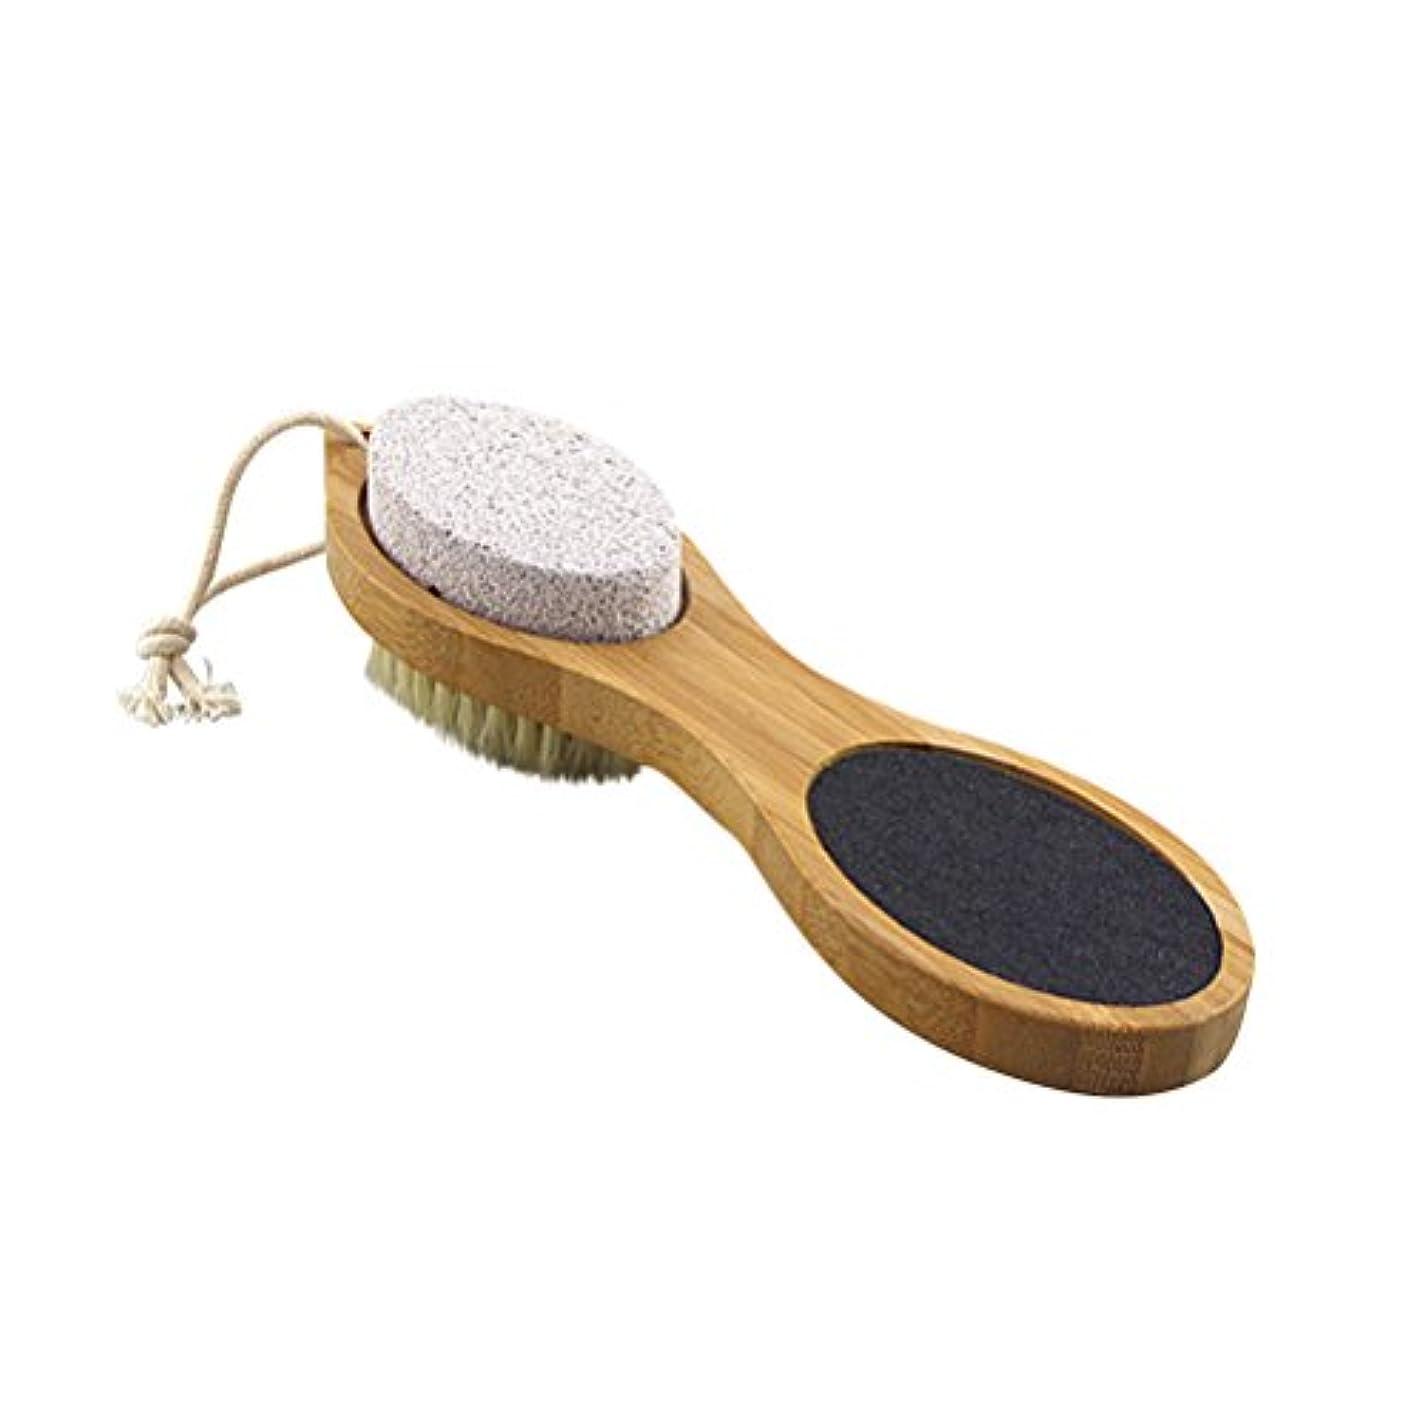 マサッチョ距離実証するULTNICE 足ブラシ 角質除去 毛ブラシ?砂ブラシ?軽石ブラシ?鋼ブラシ ボディブラシ フットマッサージ